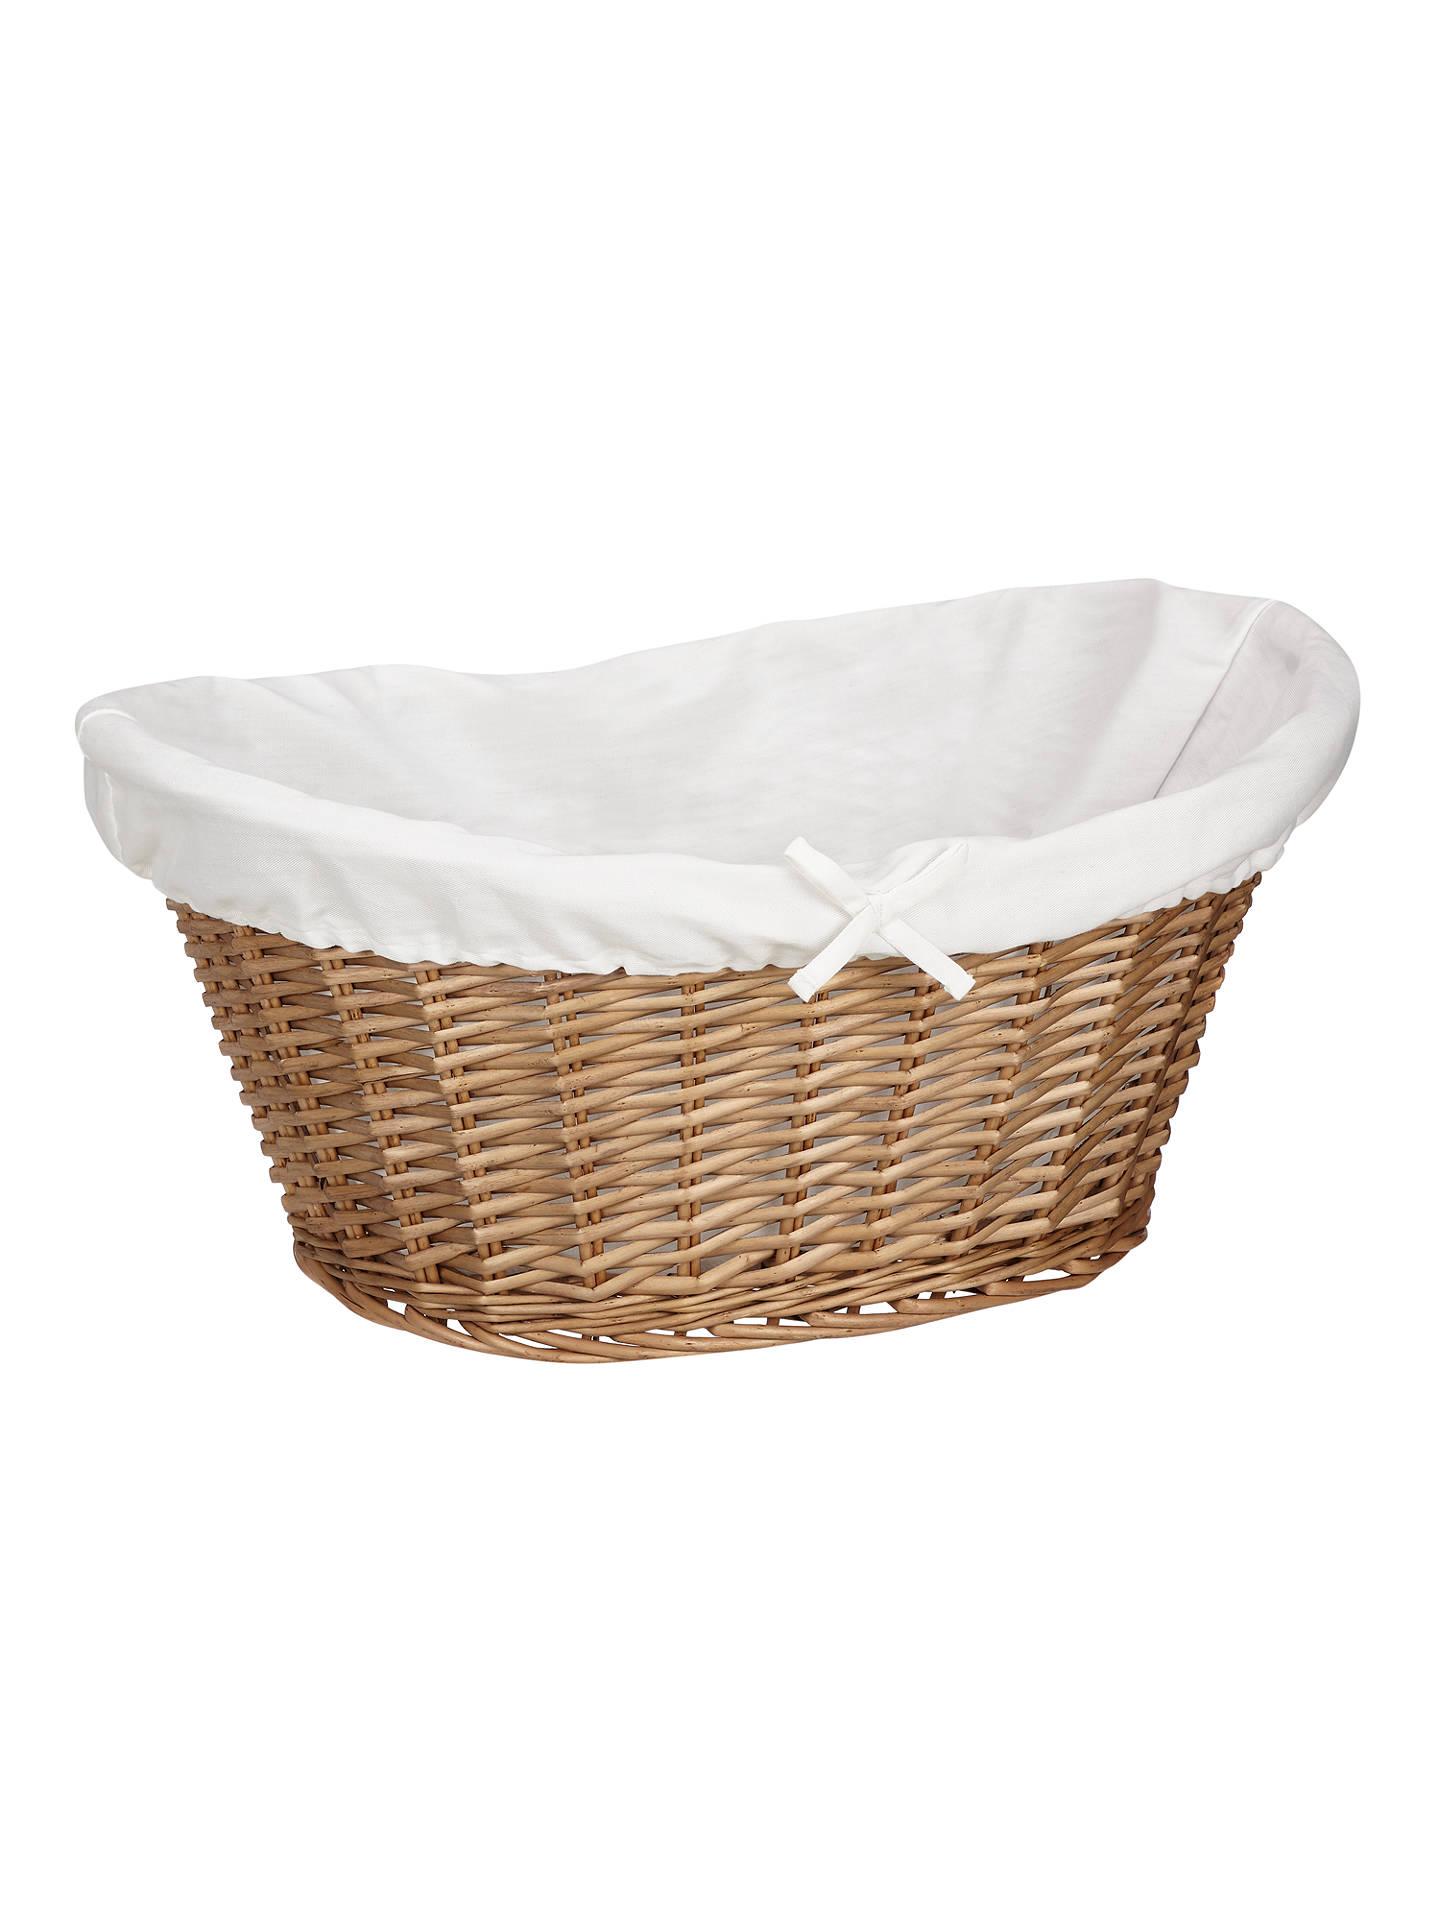 John Lewis Partners Lined Oval Wicker Laundry Basket